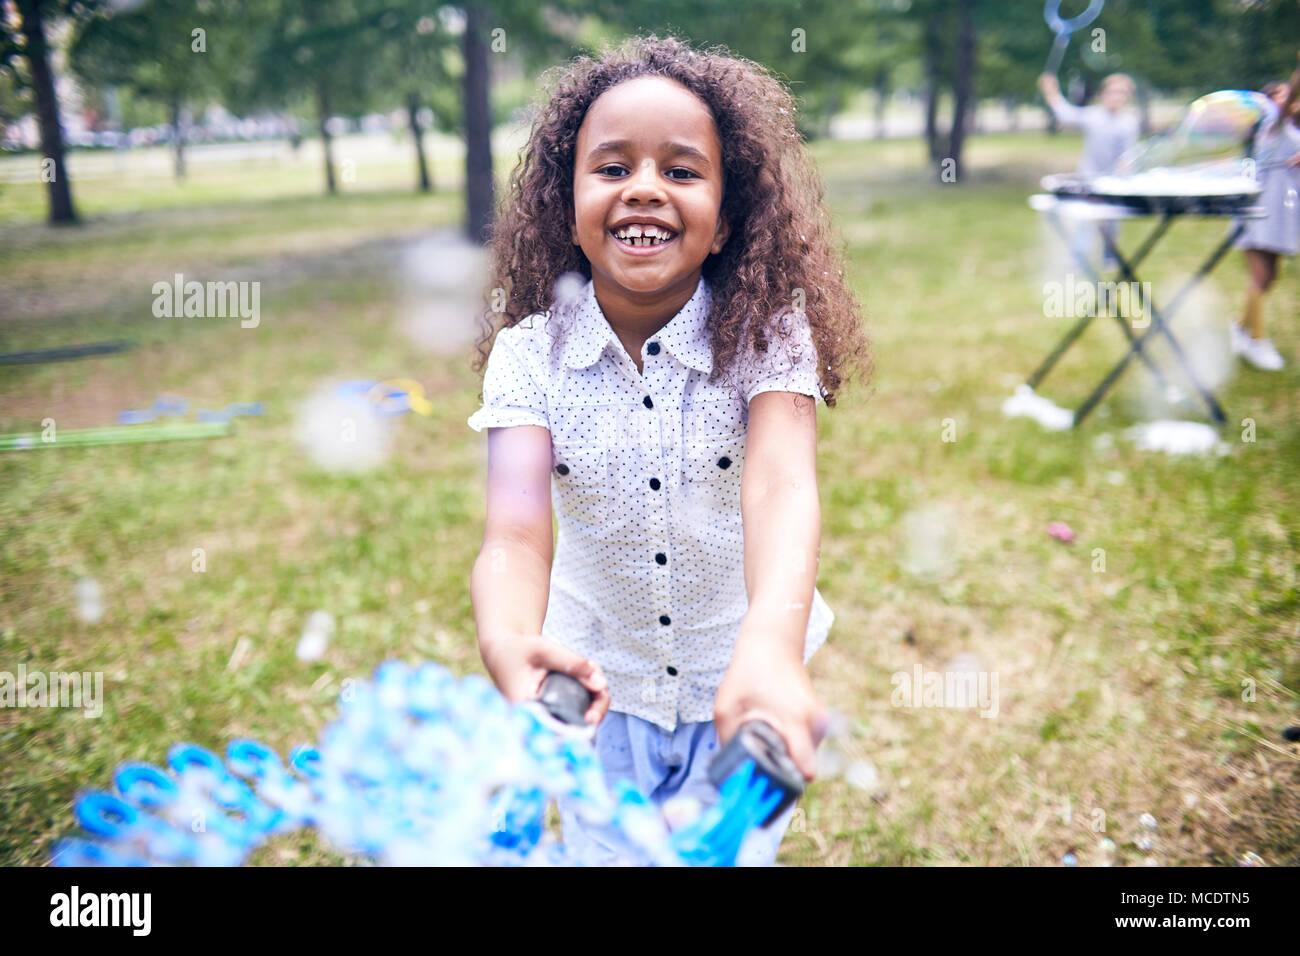 African American Girl haciendo burbujas de jabón Imagen De Stock